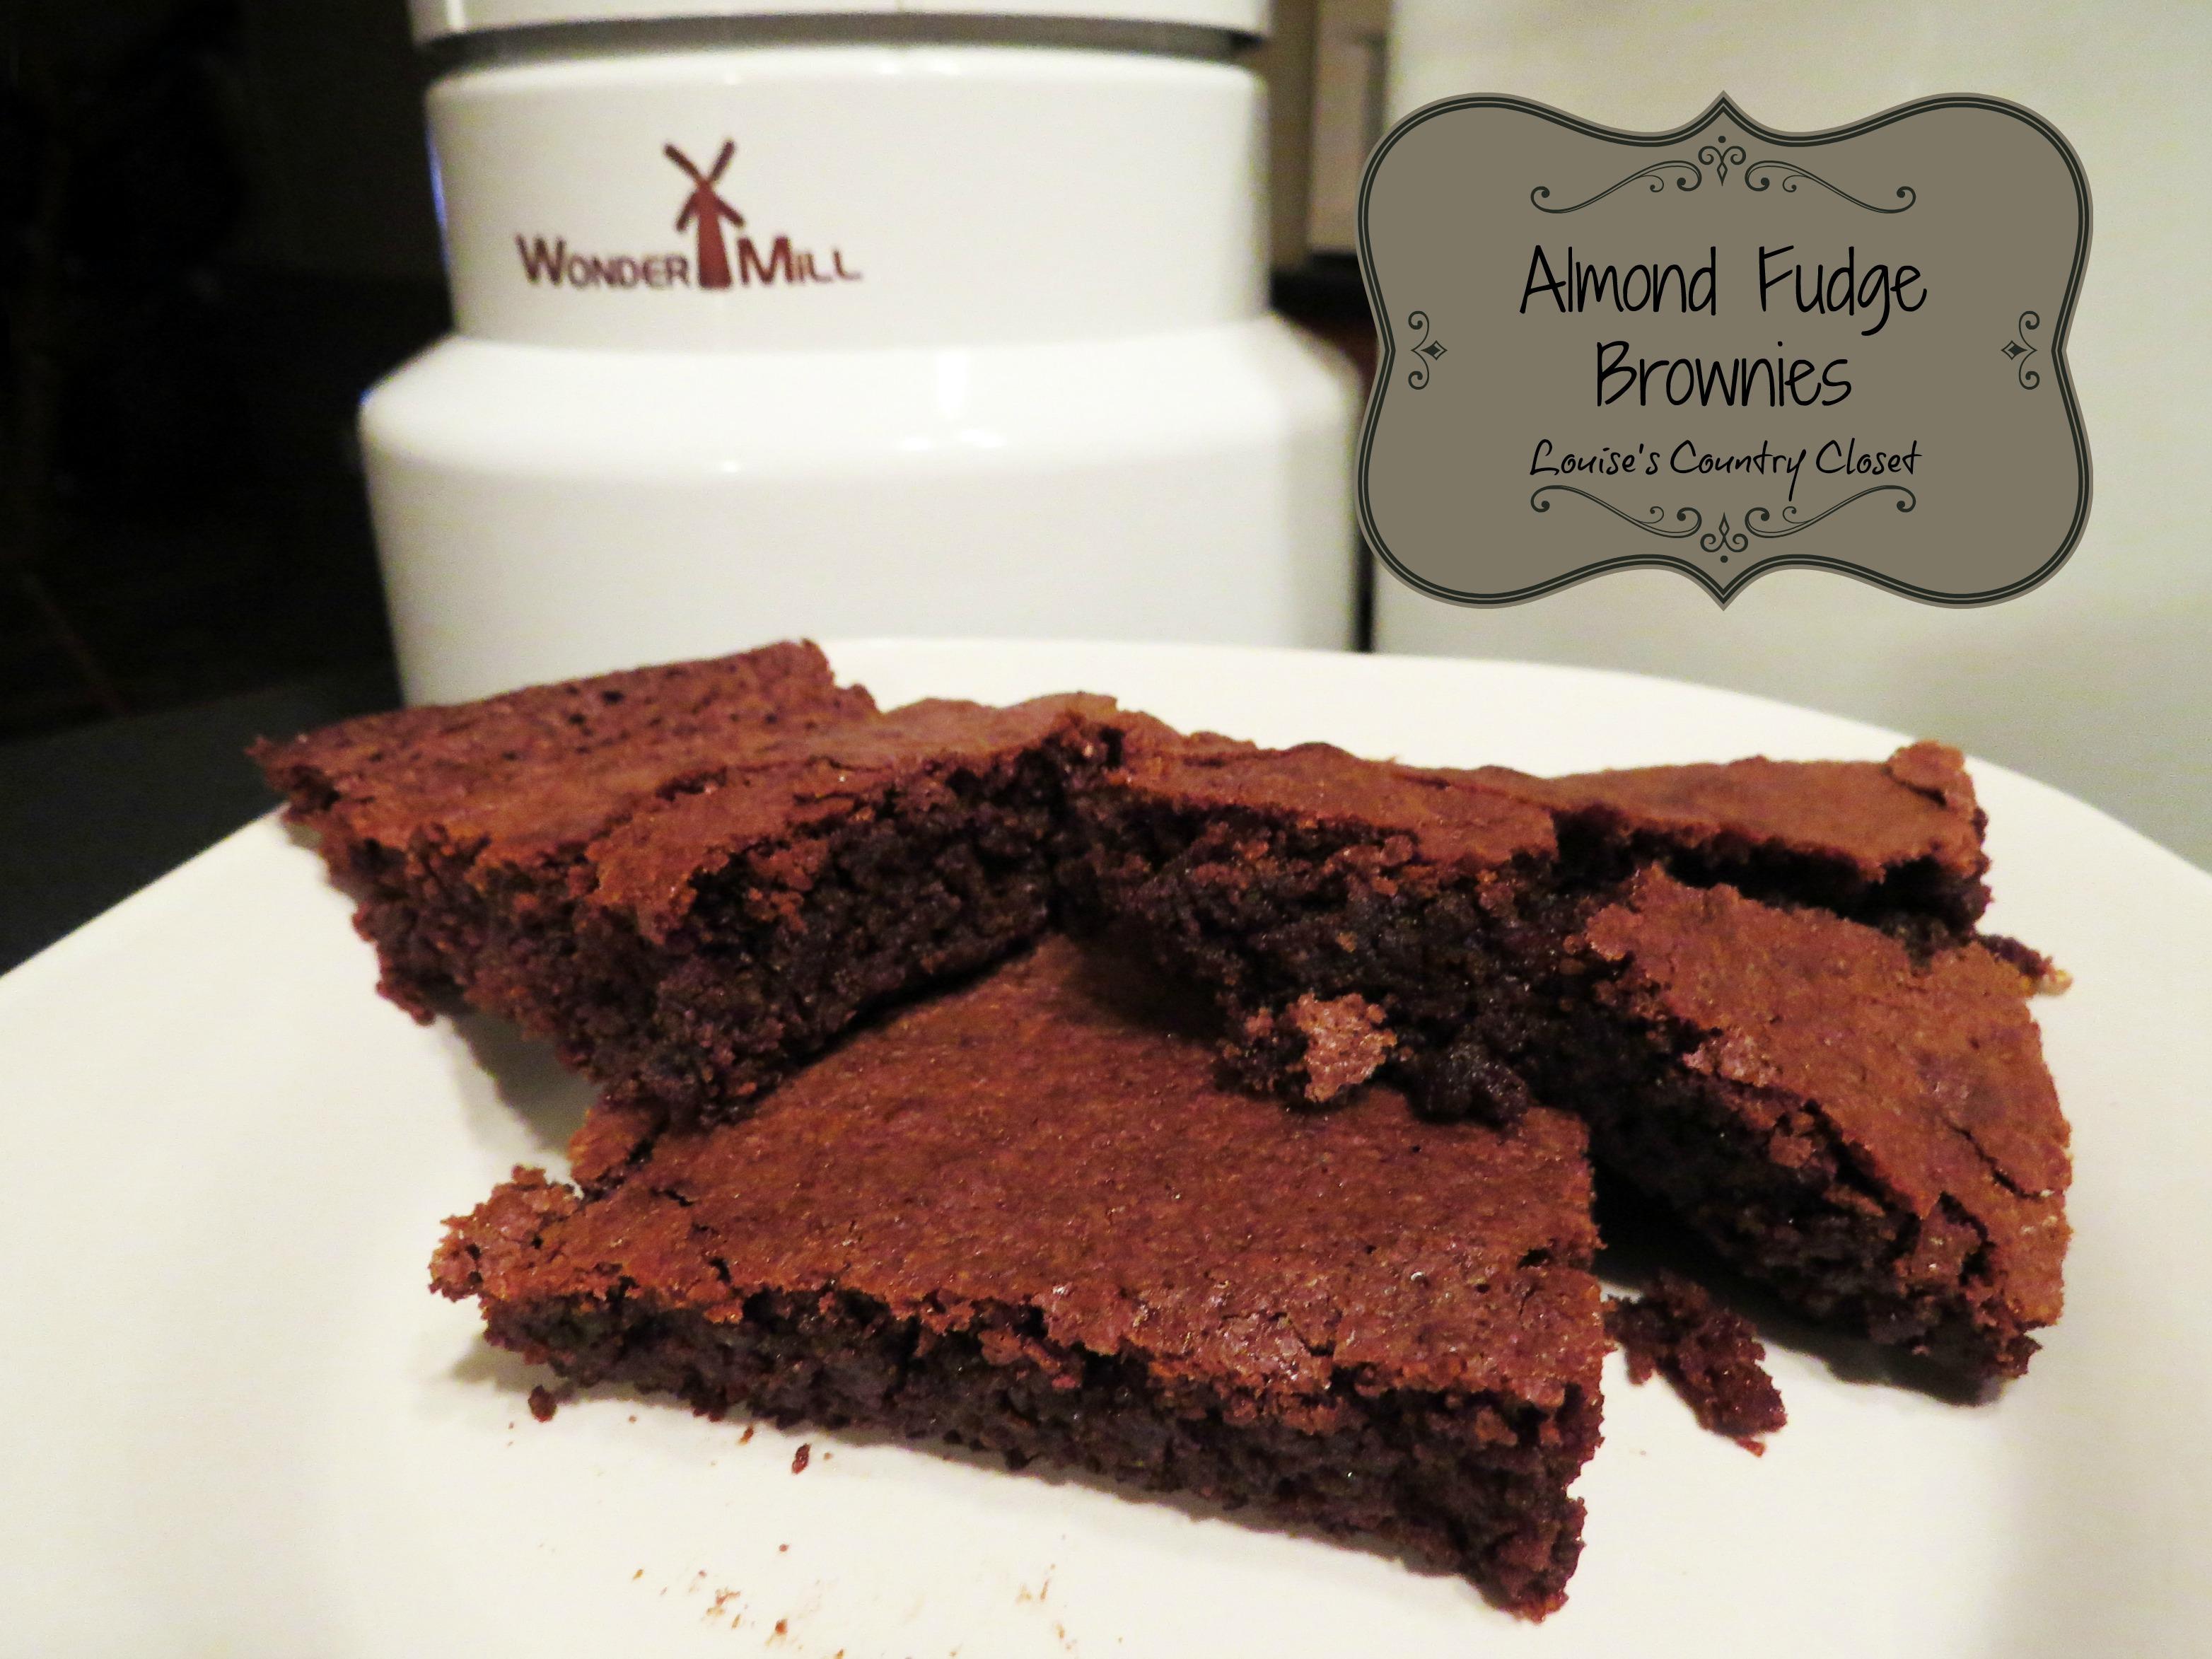 Louise's Almond Fudge Brownies